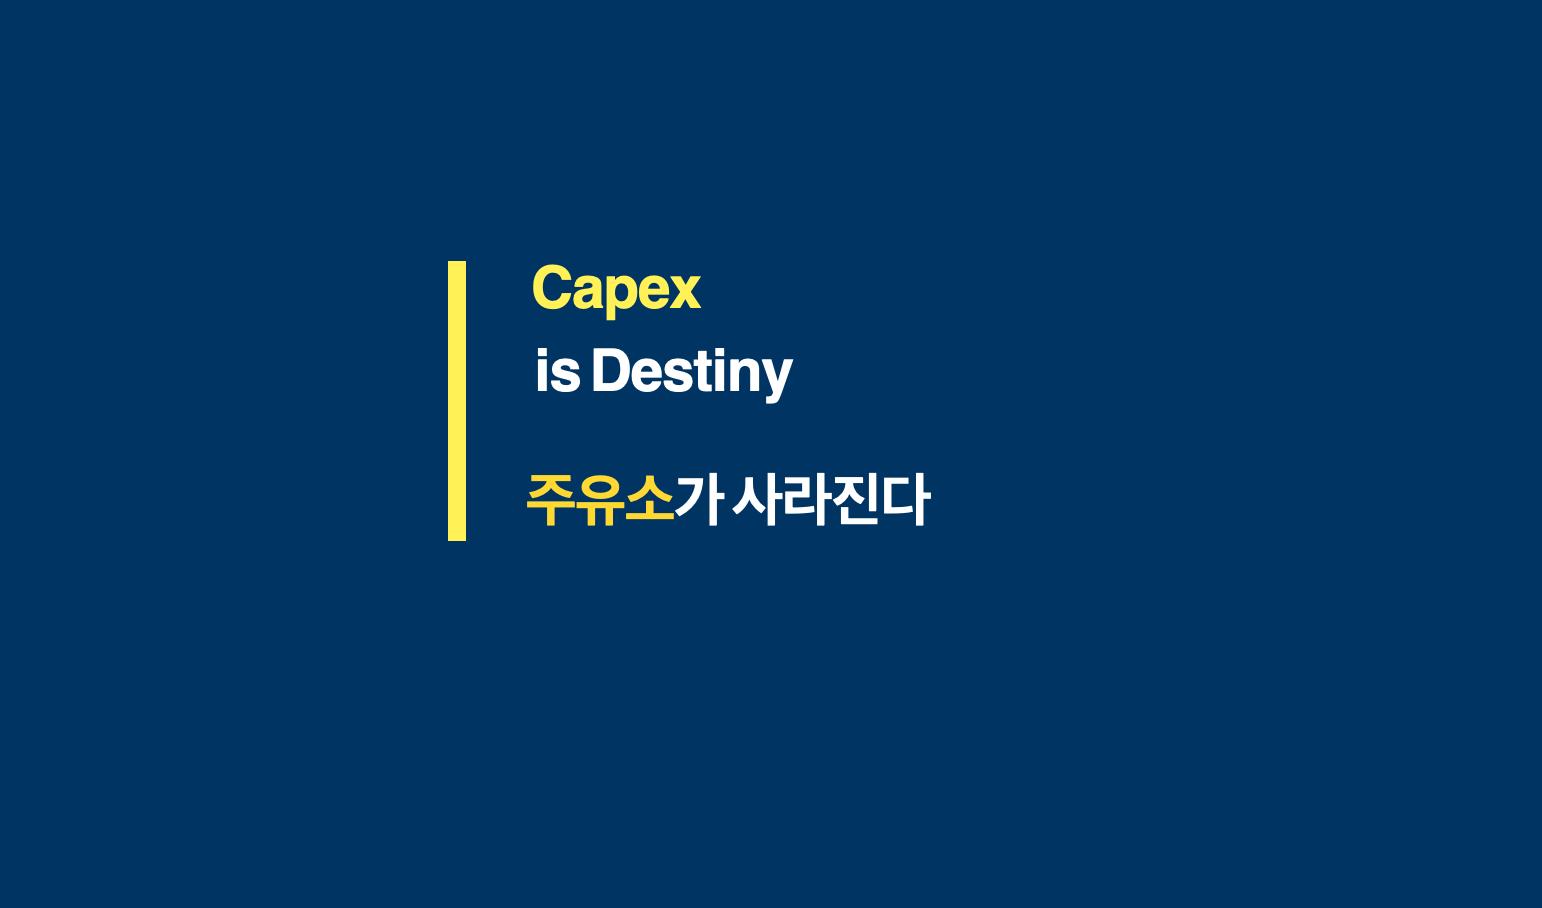 [강정수의 디지털 경제 브리핑 #30] capex로 확인하는 배터리 전기차로의 대전환